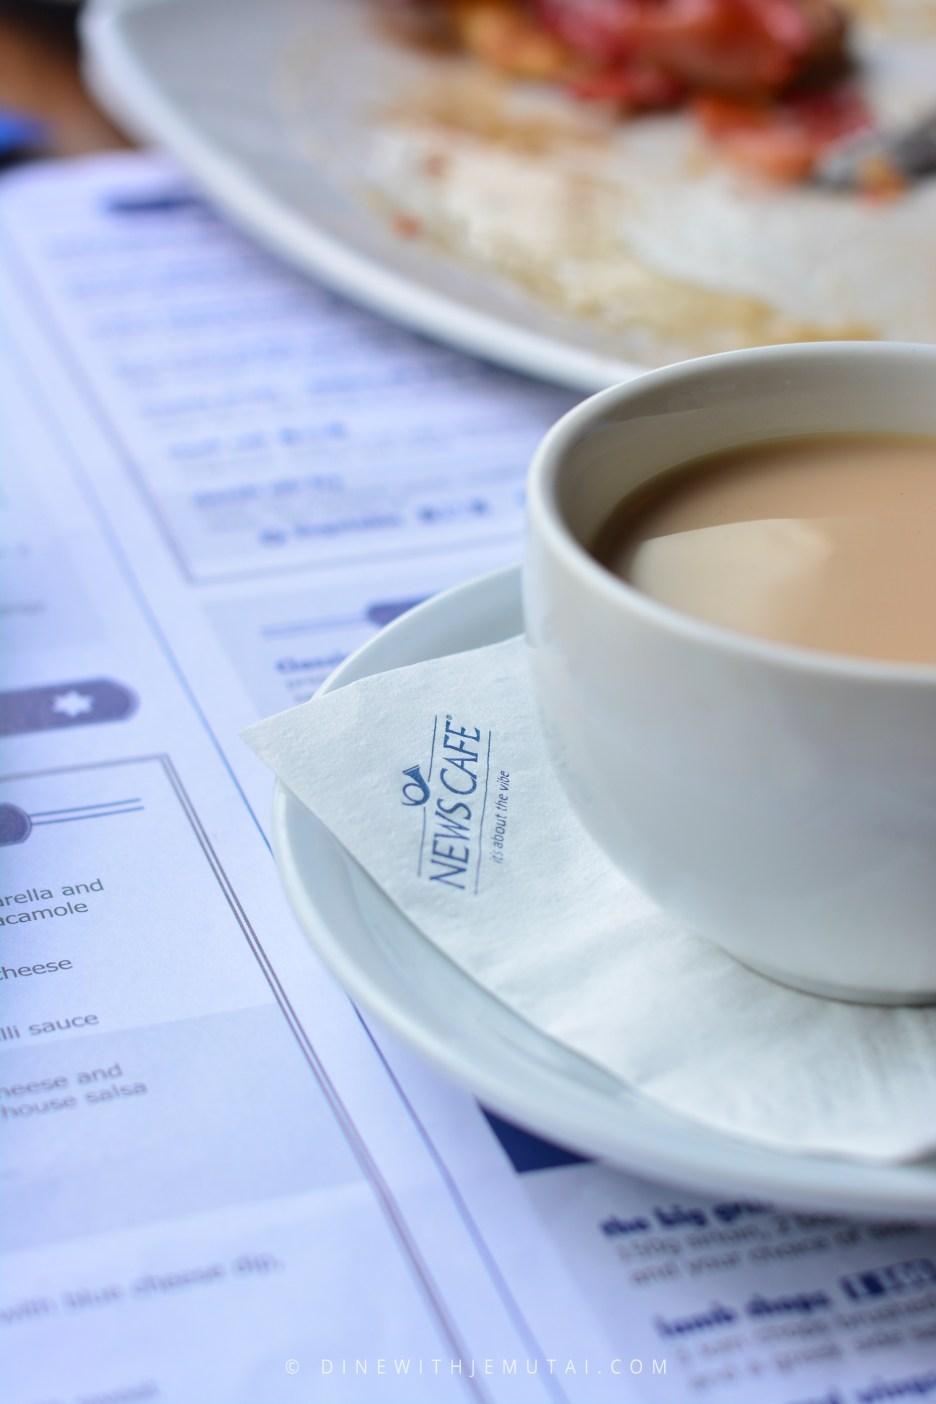 5.Ginger Tea